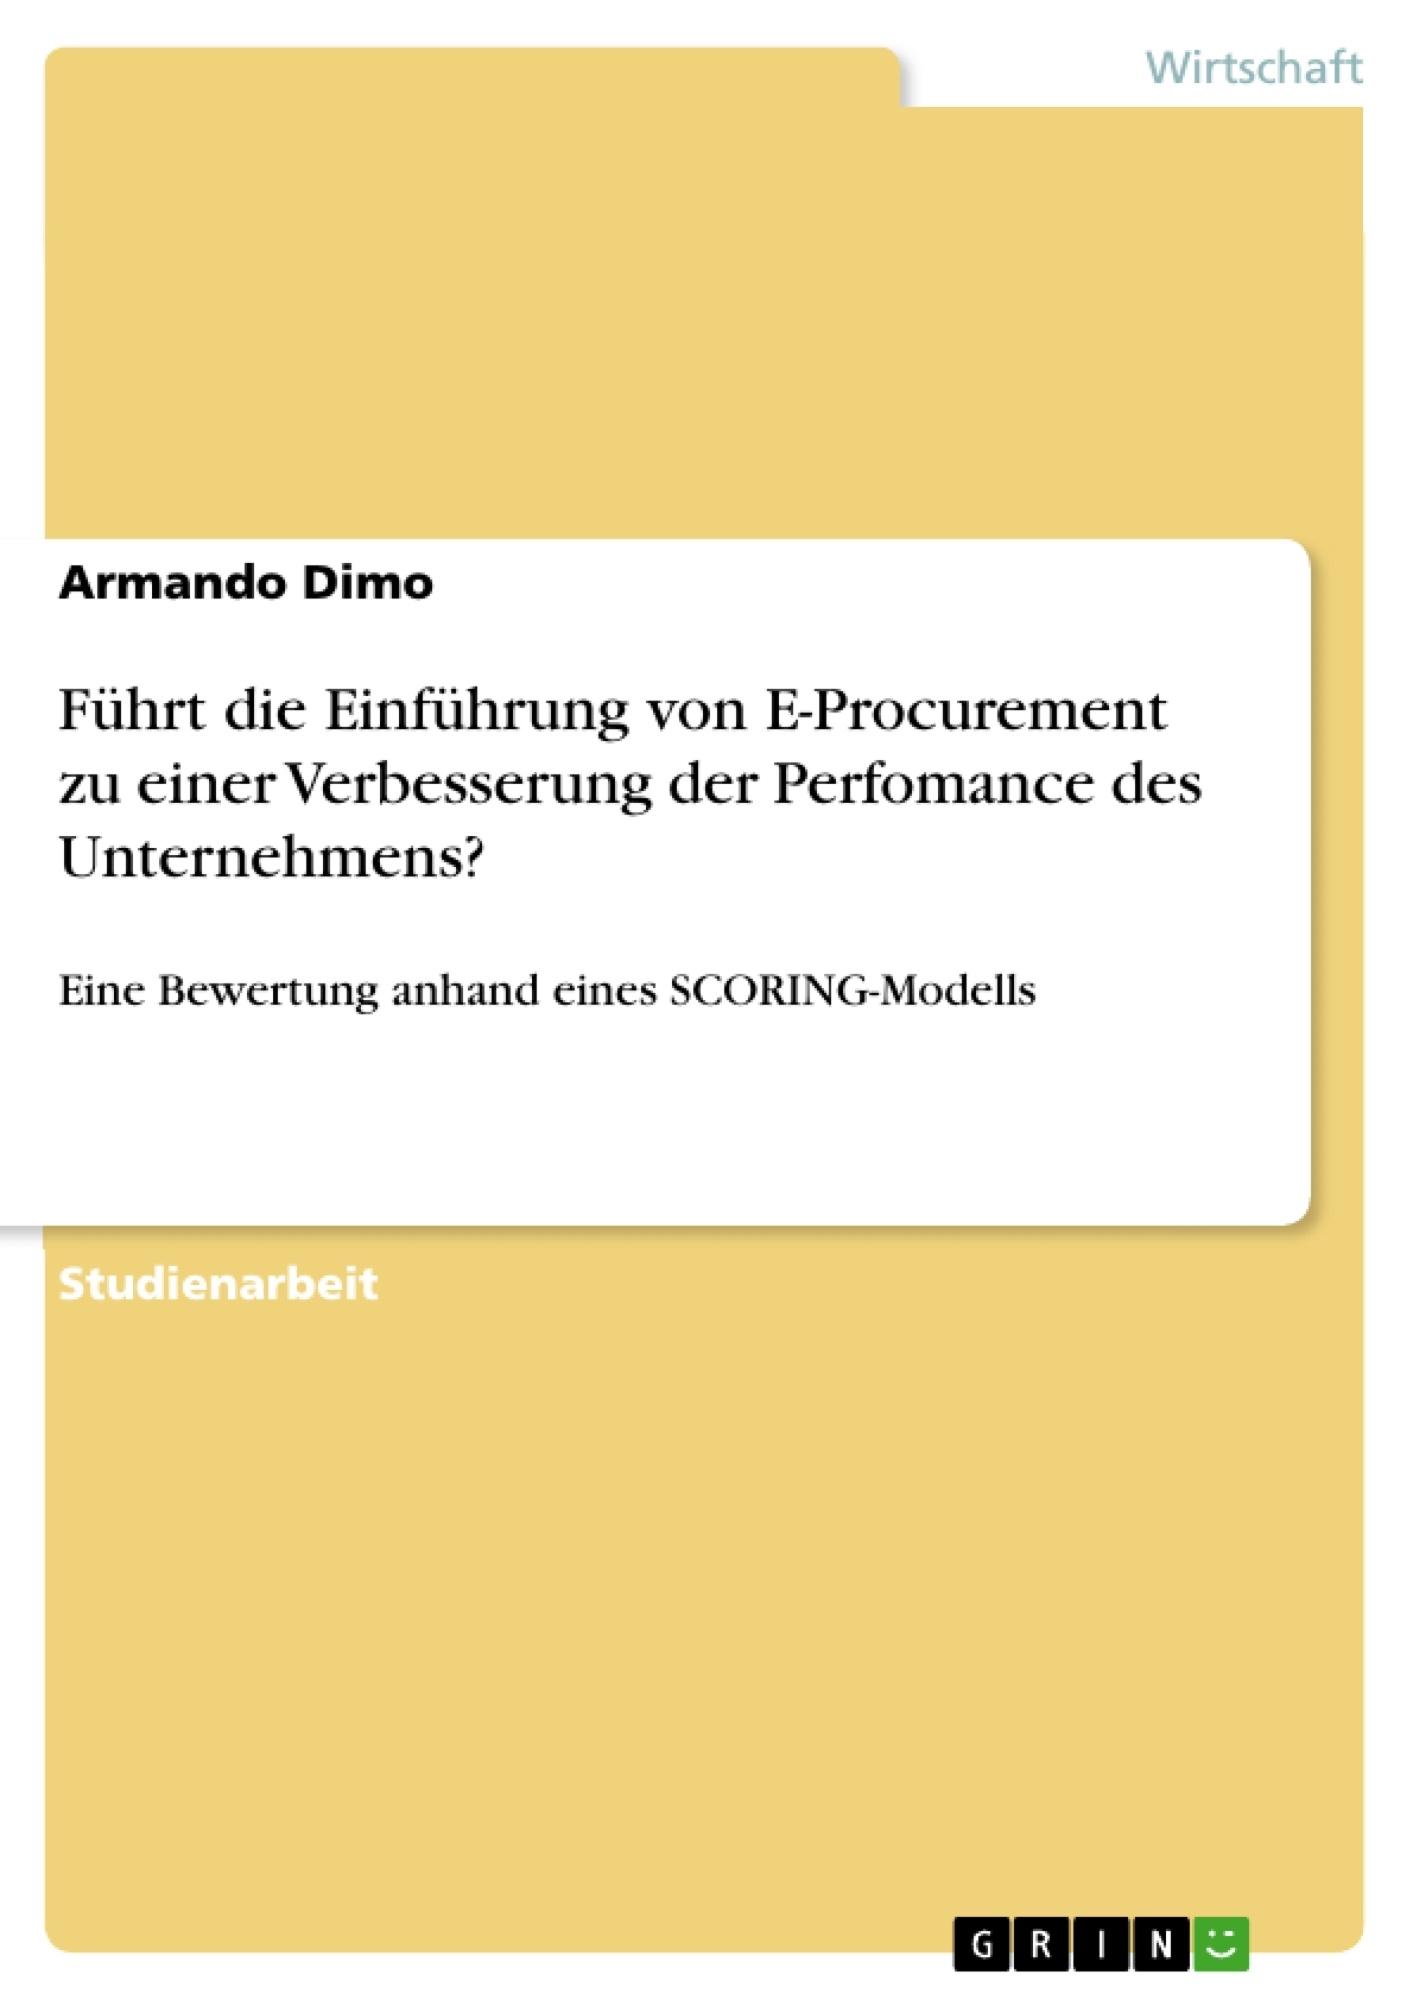 Titel: Führt die Einführung von E-Procurement zu einer Verbesserung der Perfomance des Unternehmens?